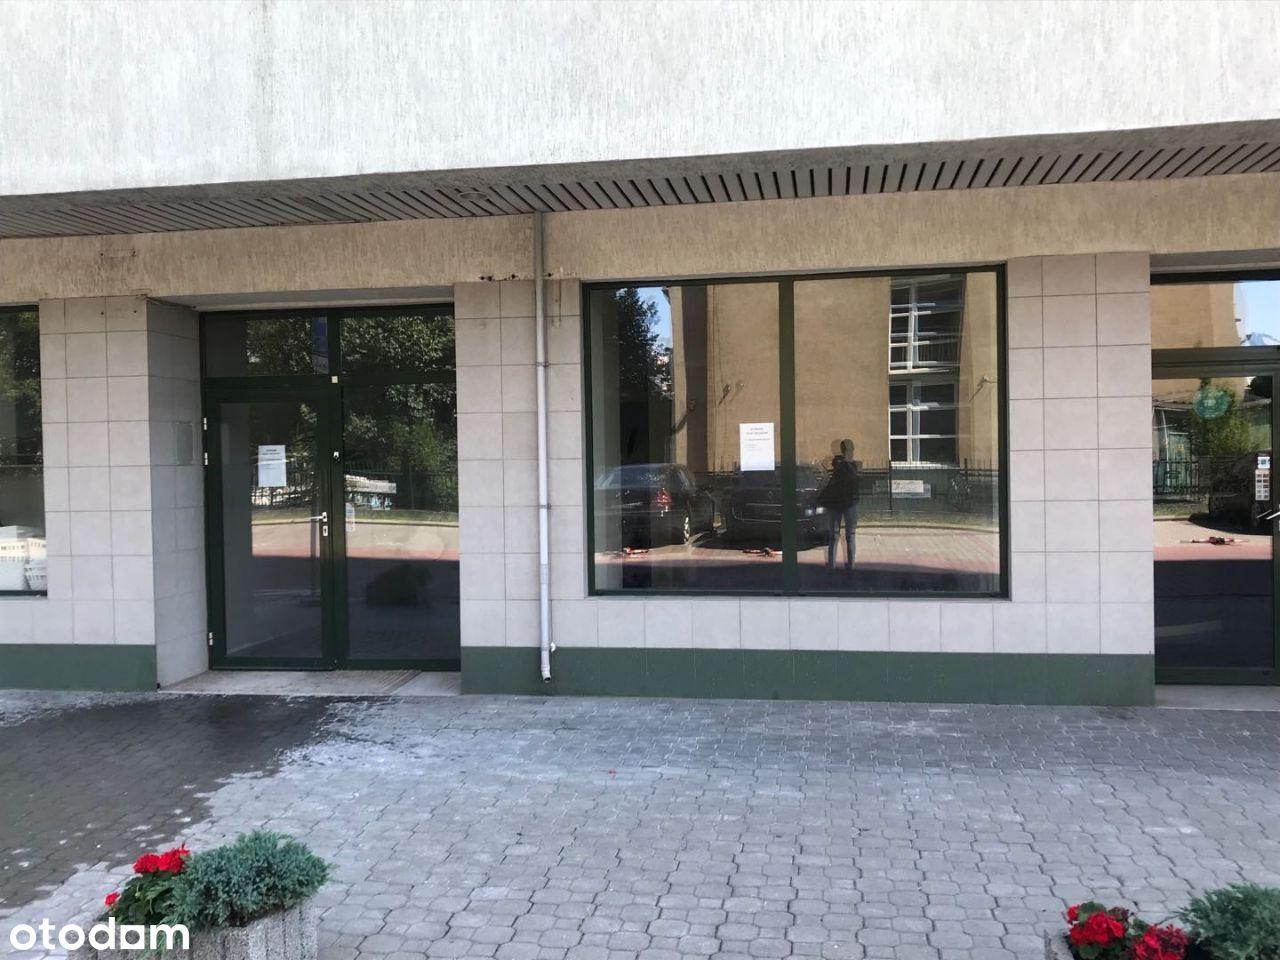 Lokal użytkowy WARSZAWA Praga płd. ul.Sulejkowska